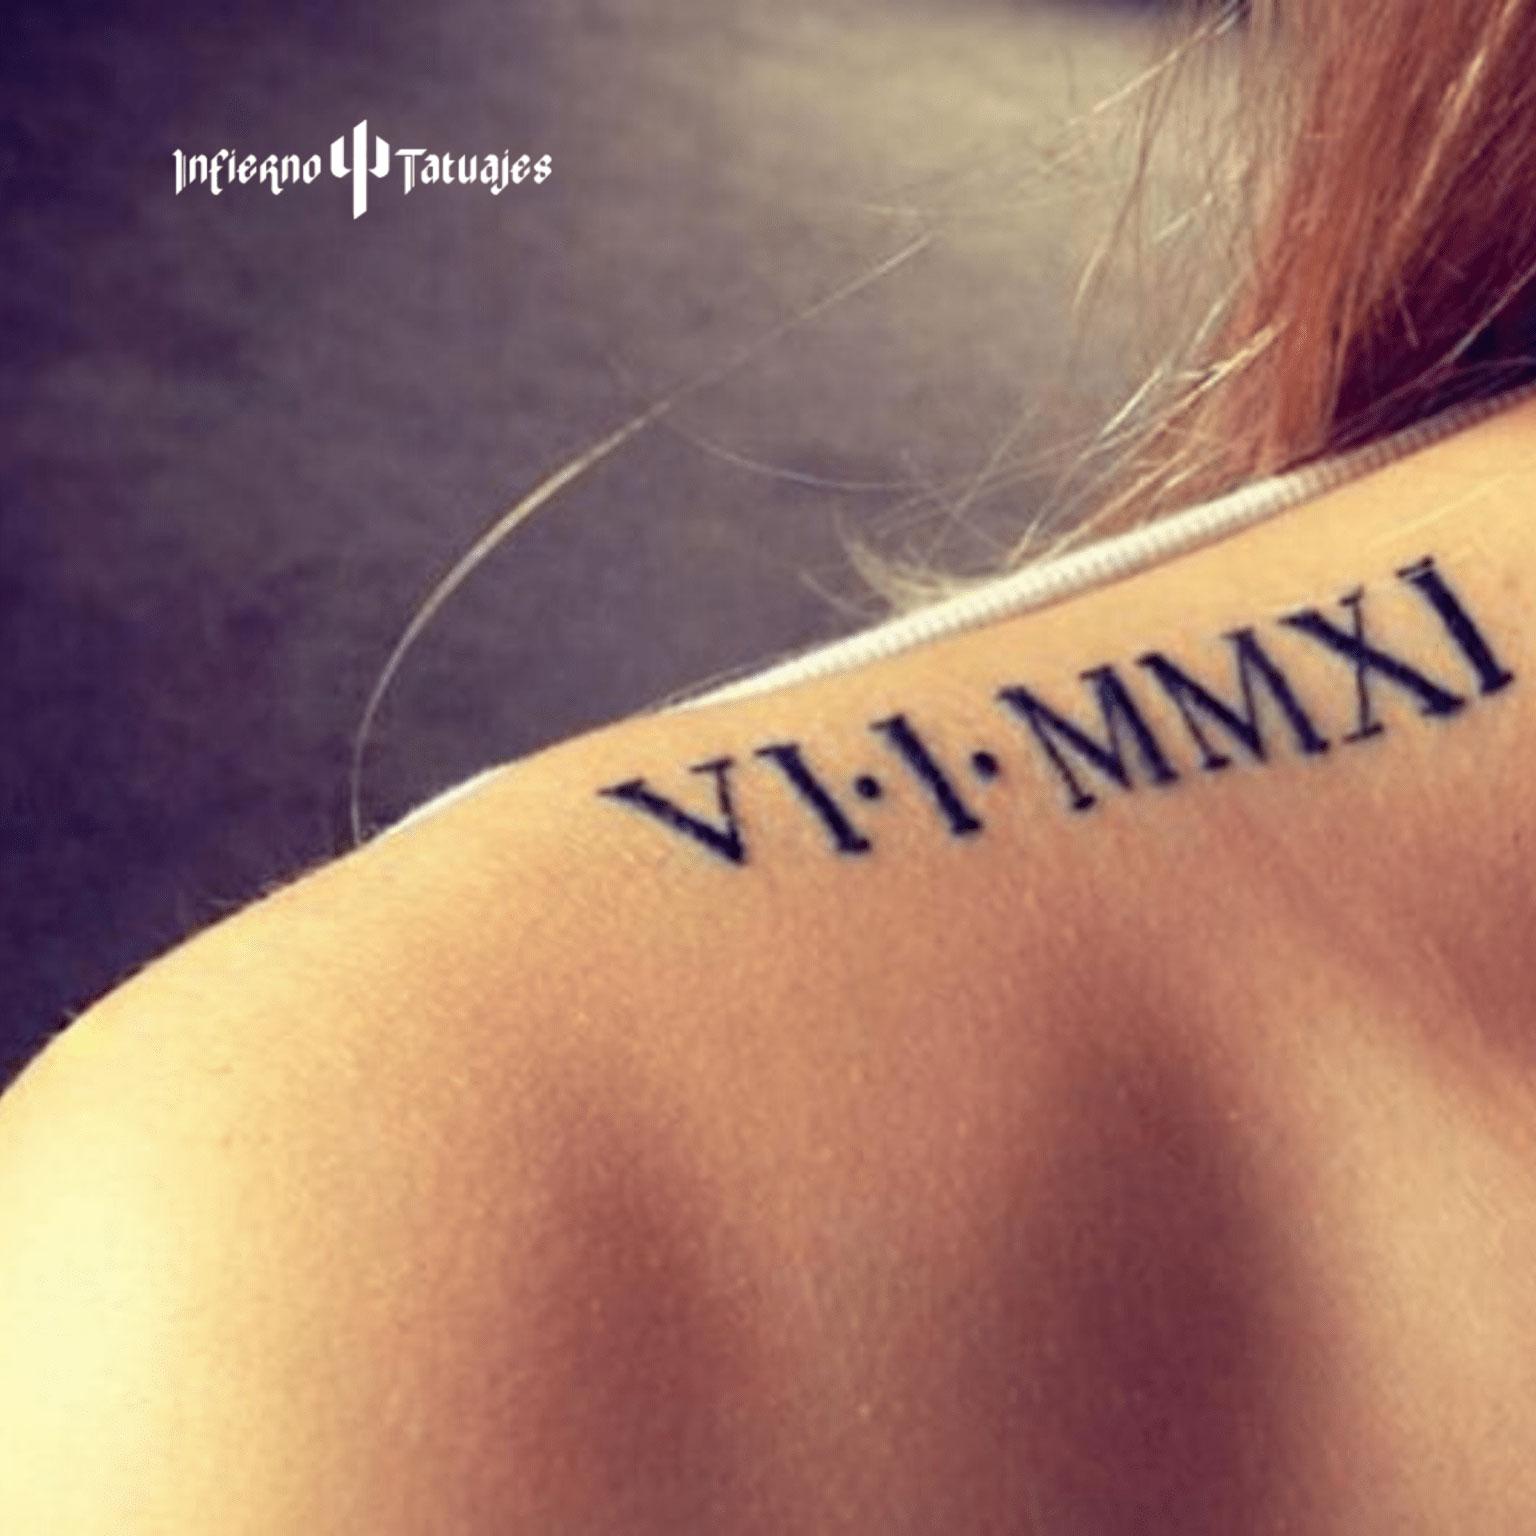 Razones para tatuarse